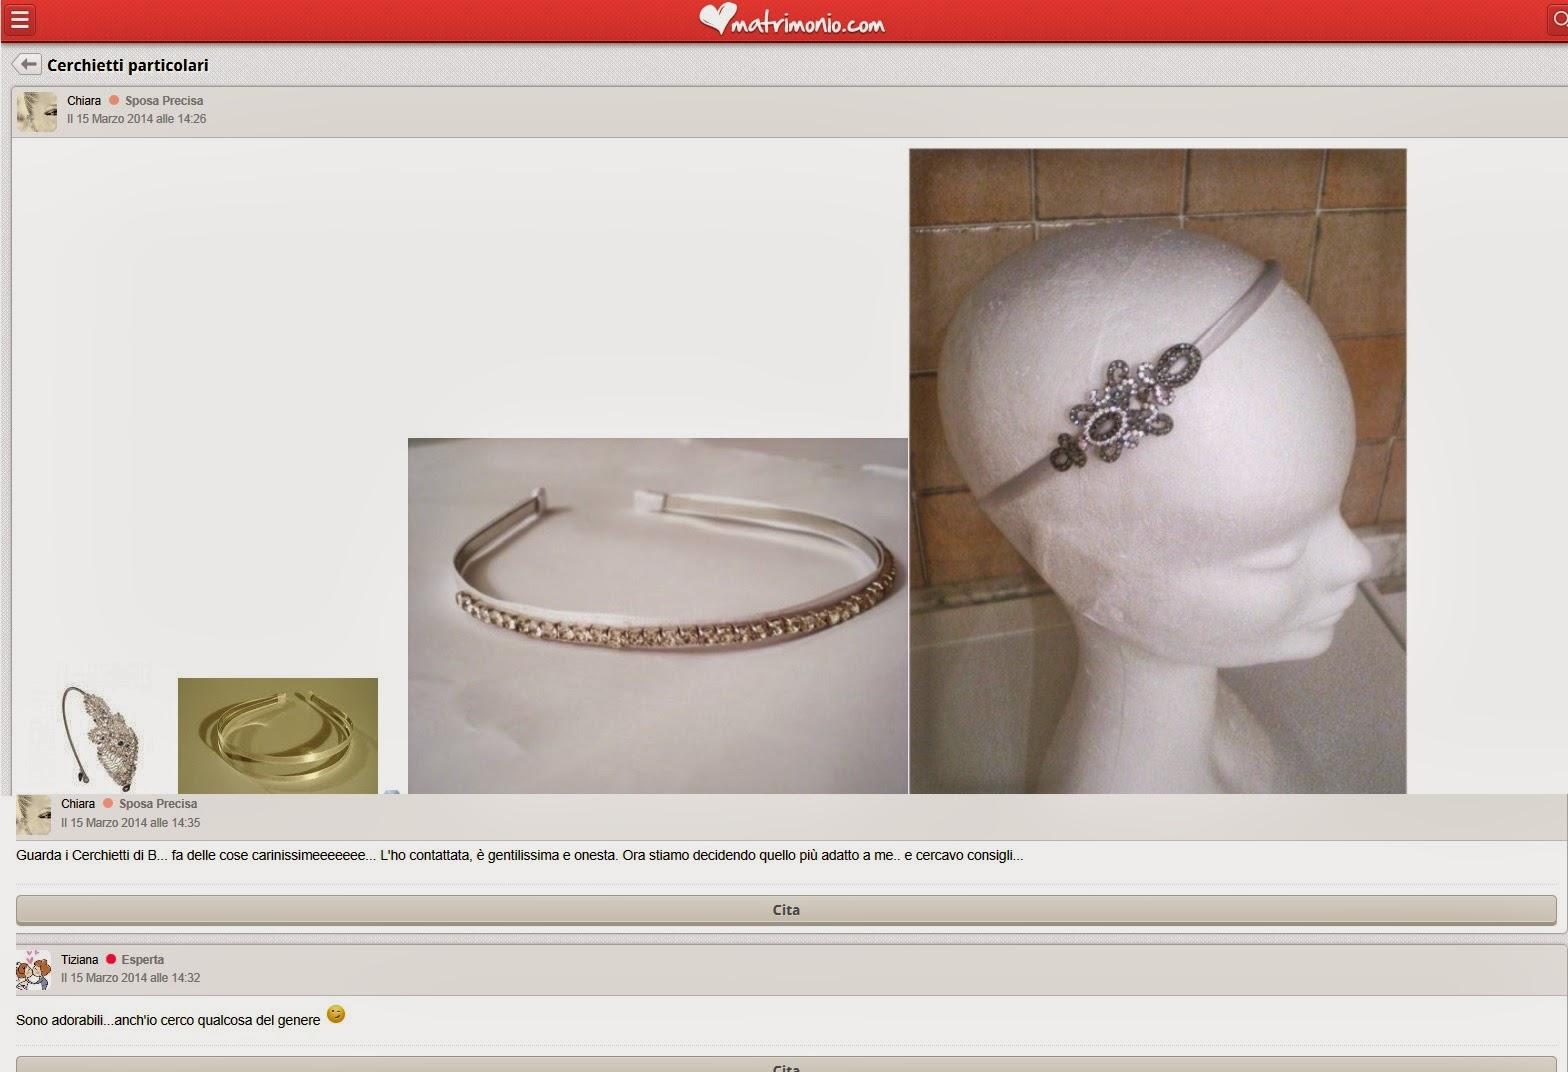 http://m.matrimonio.com/forum/cerchietti-particolari--t89831